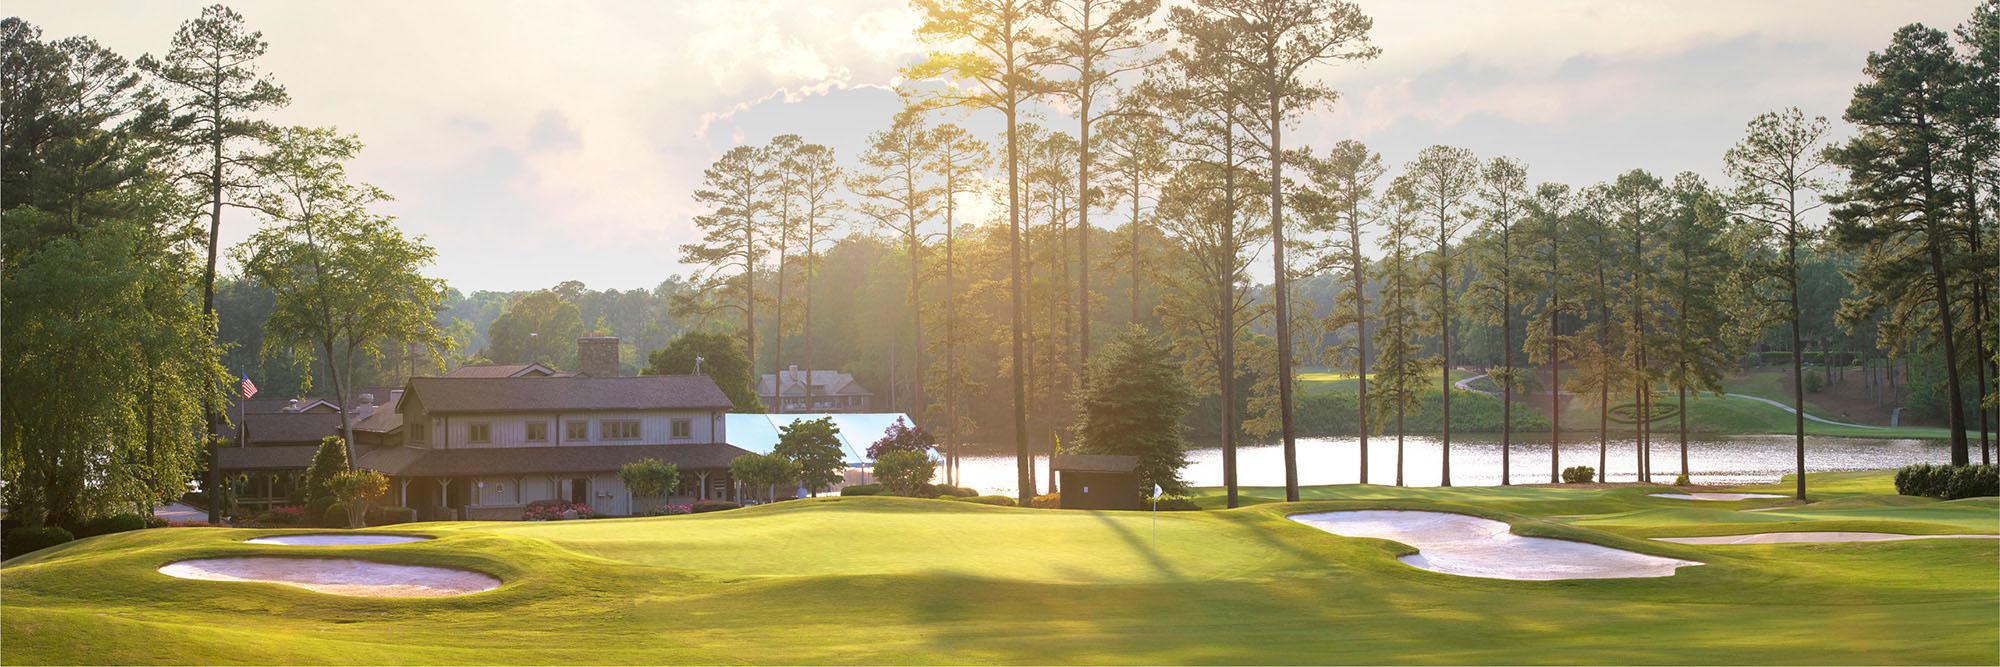 Golf Course Image - MacGregor Downs No. 9